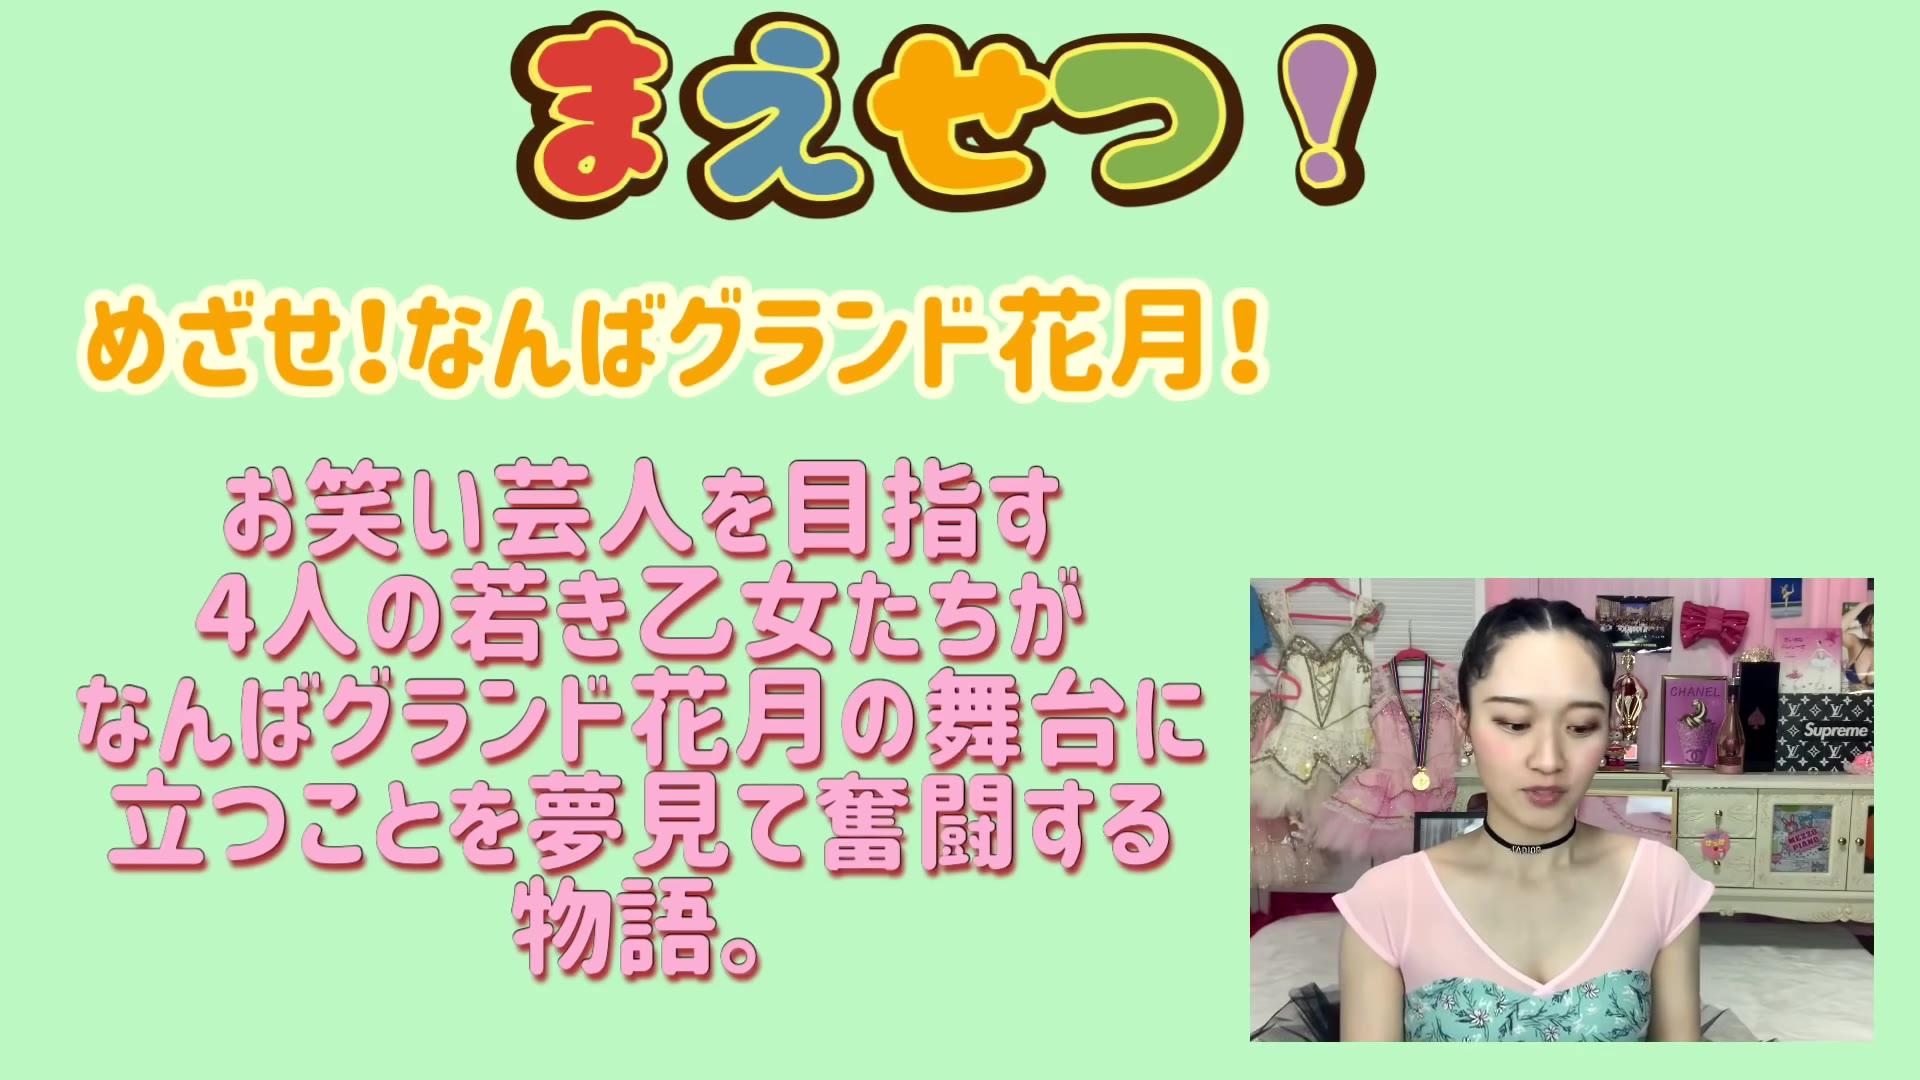 【前说!】【生肉】松浦景子自述《前说!》声优经历